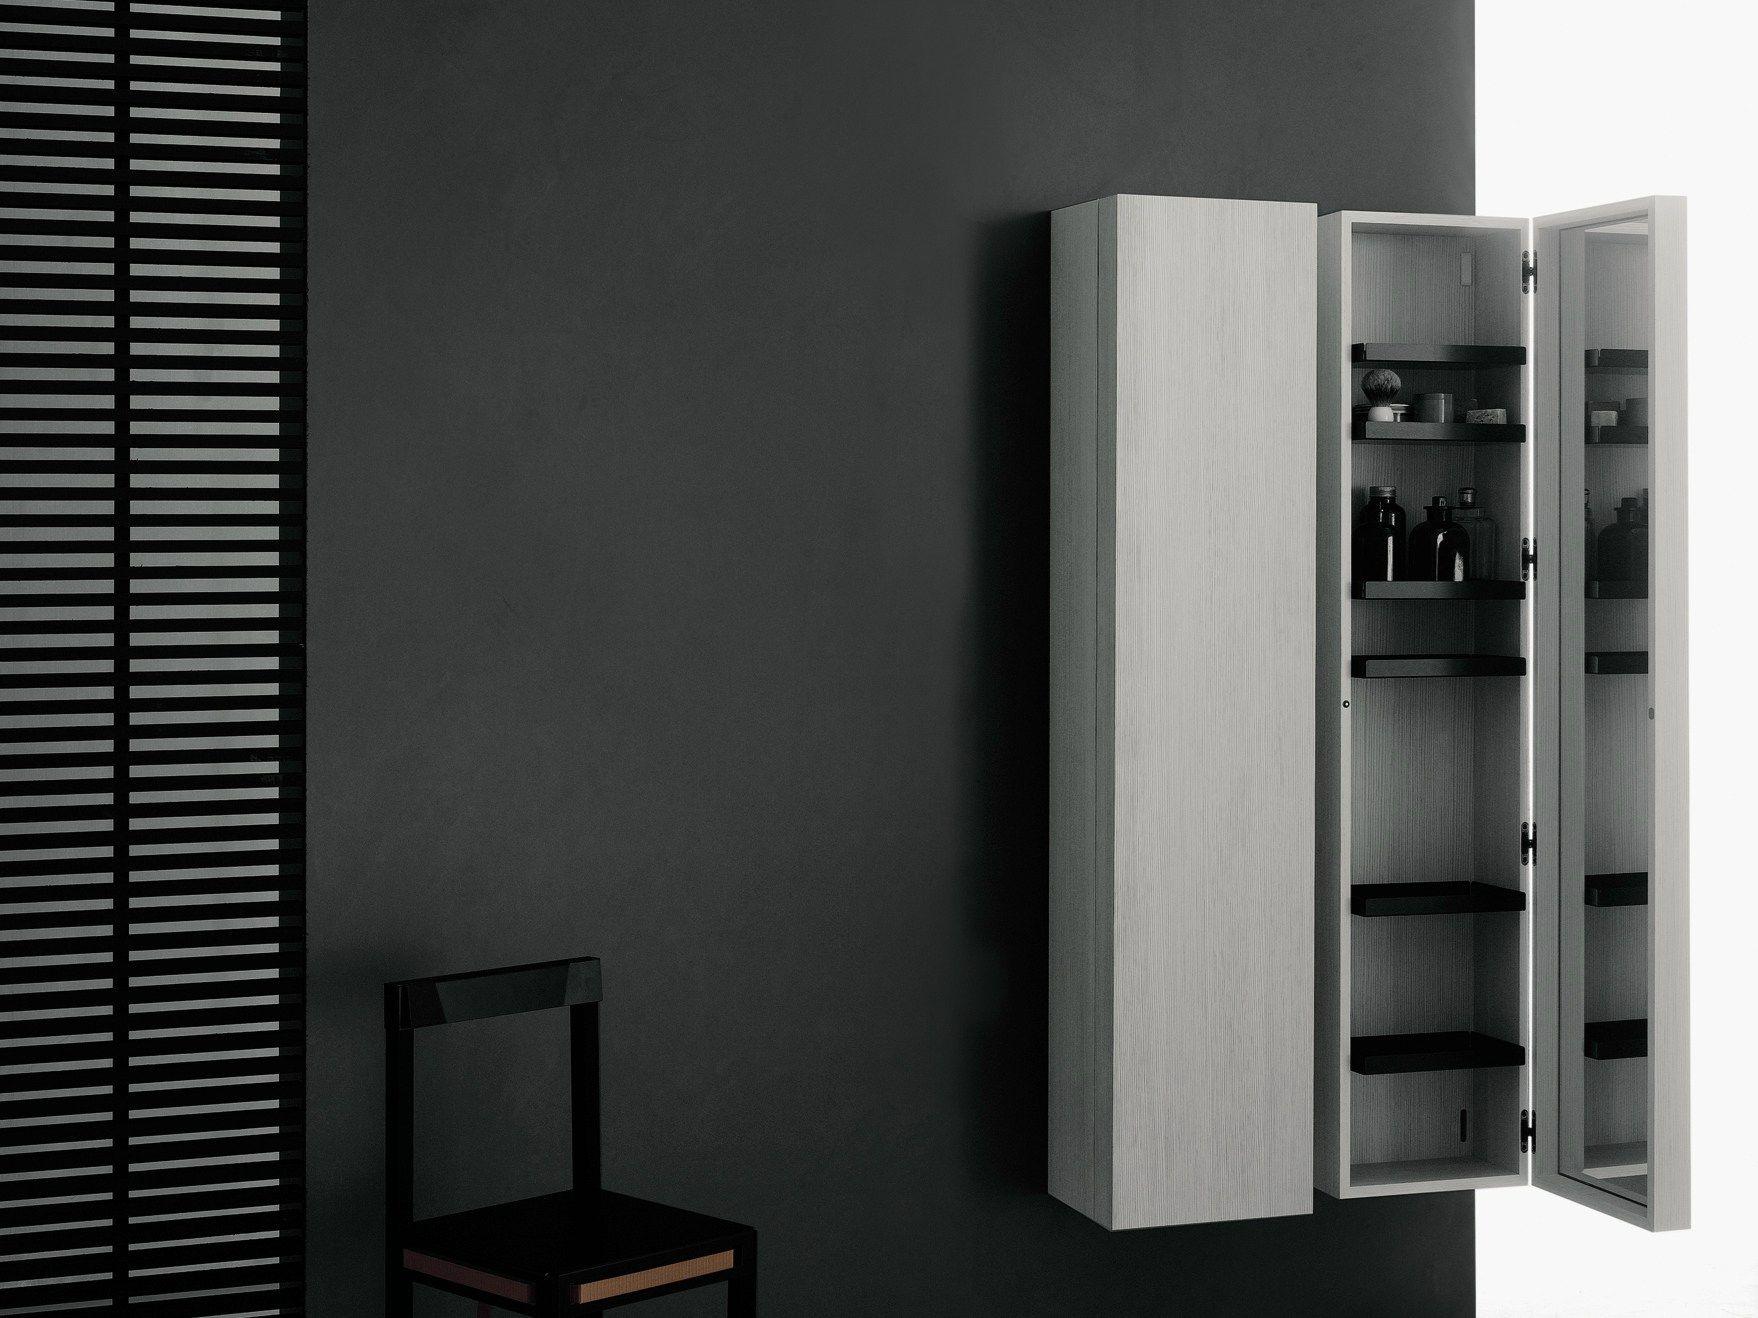 boffi accessori bagno #990 | msyte.com idee e foto di ispirazione ... - Arredo Bagno Boffi